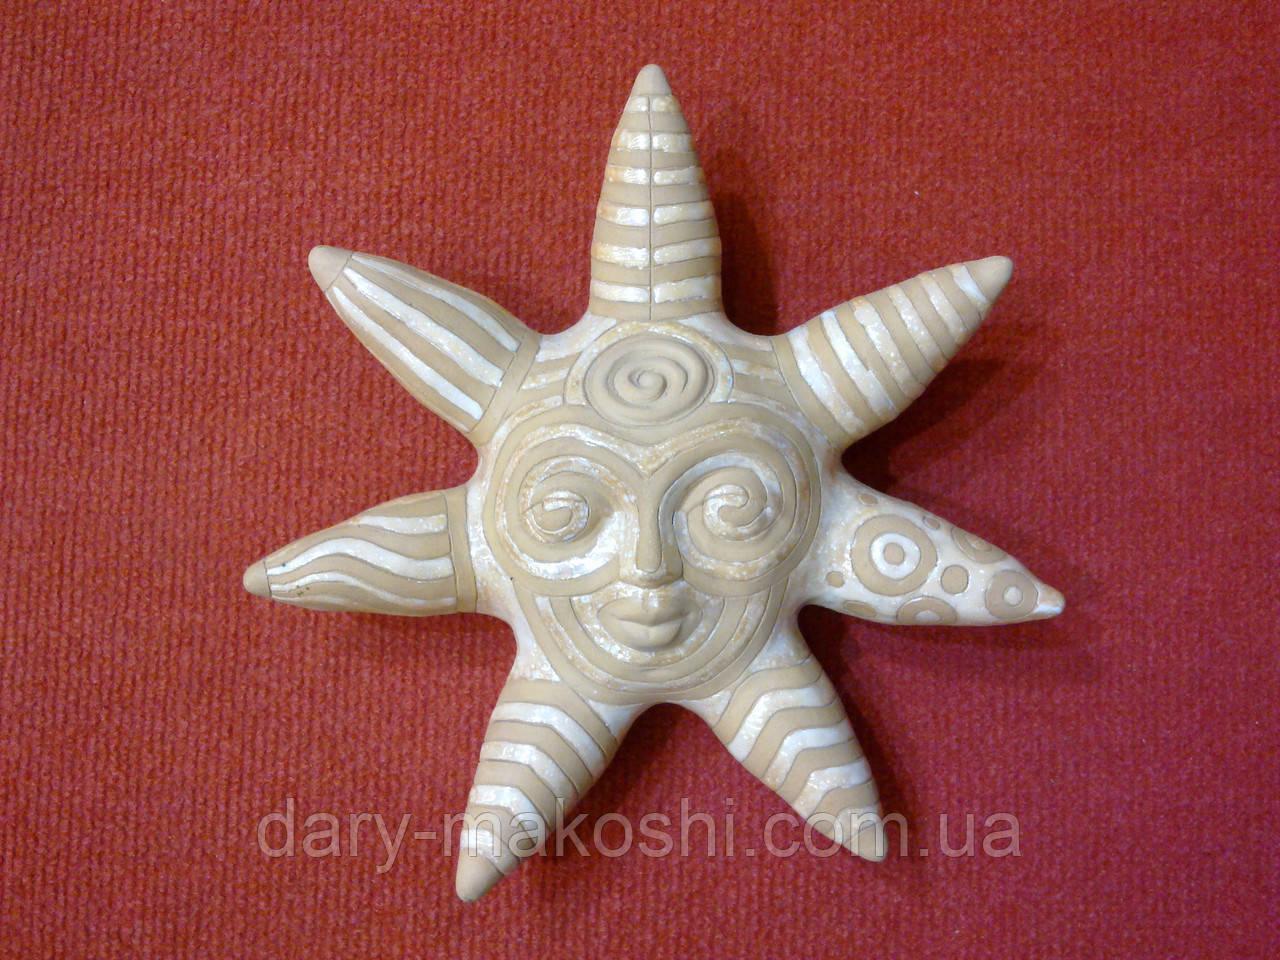 Фигурка керамическая Солнышко